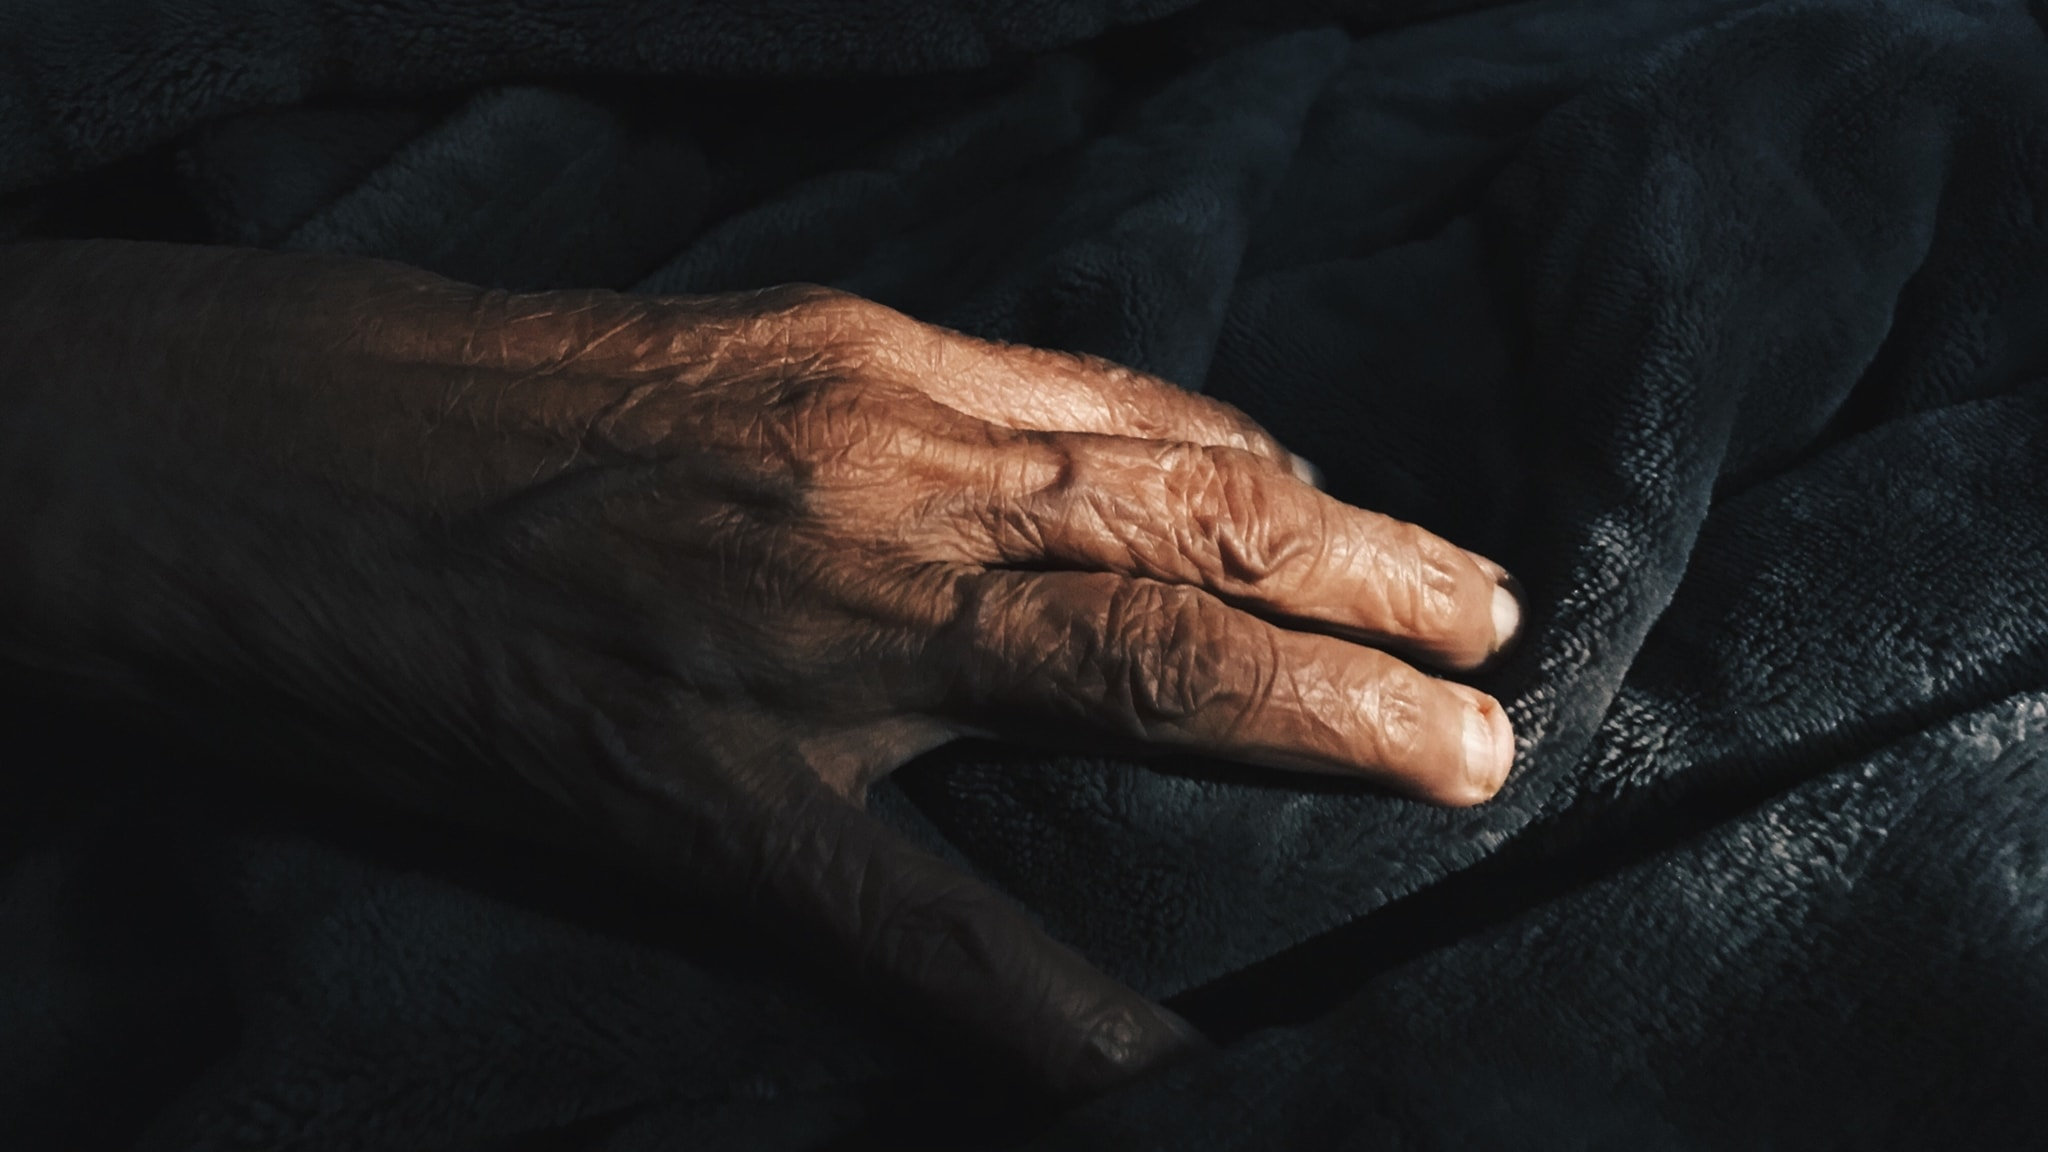 Anhörig till demenssjuk?